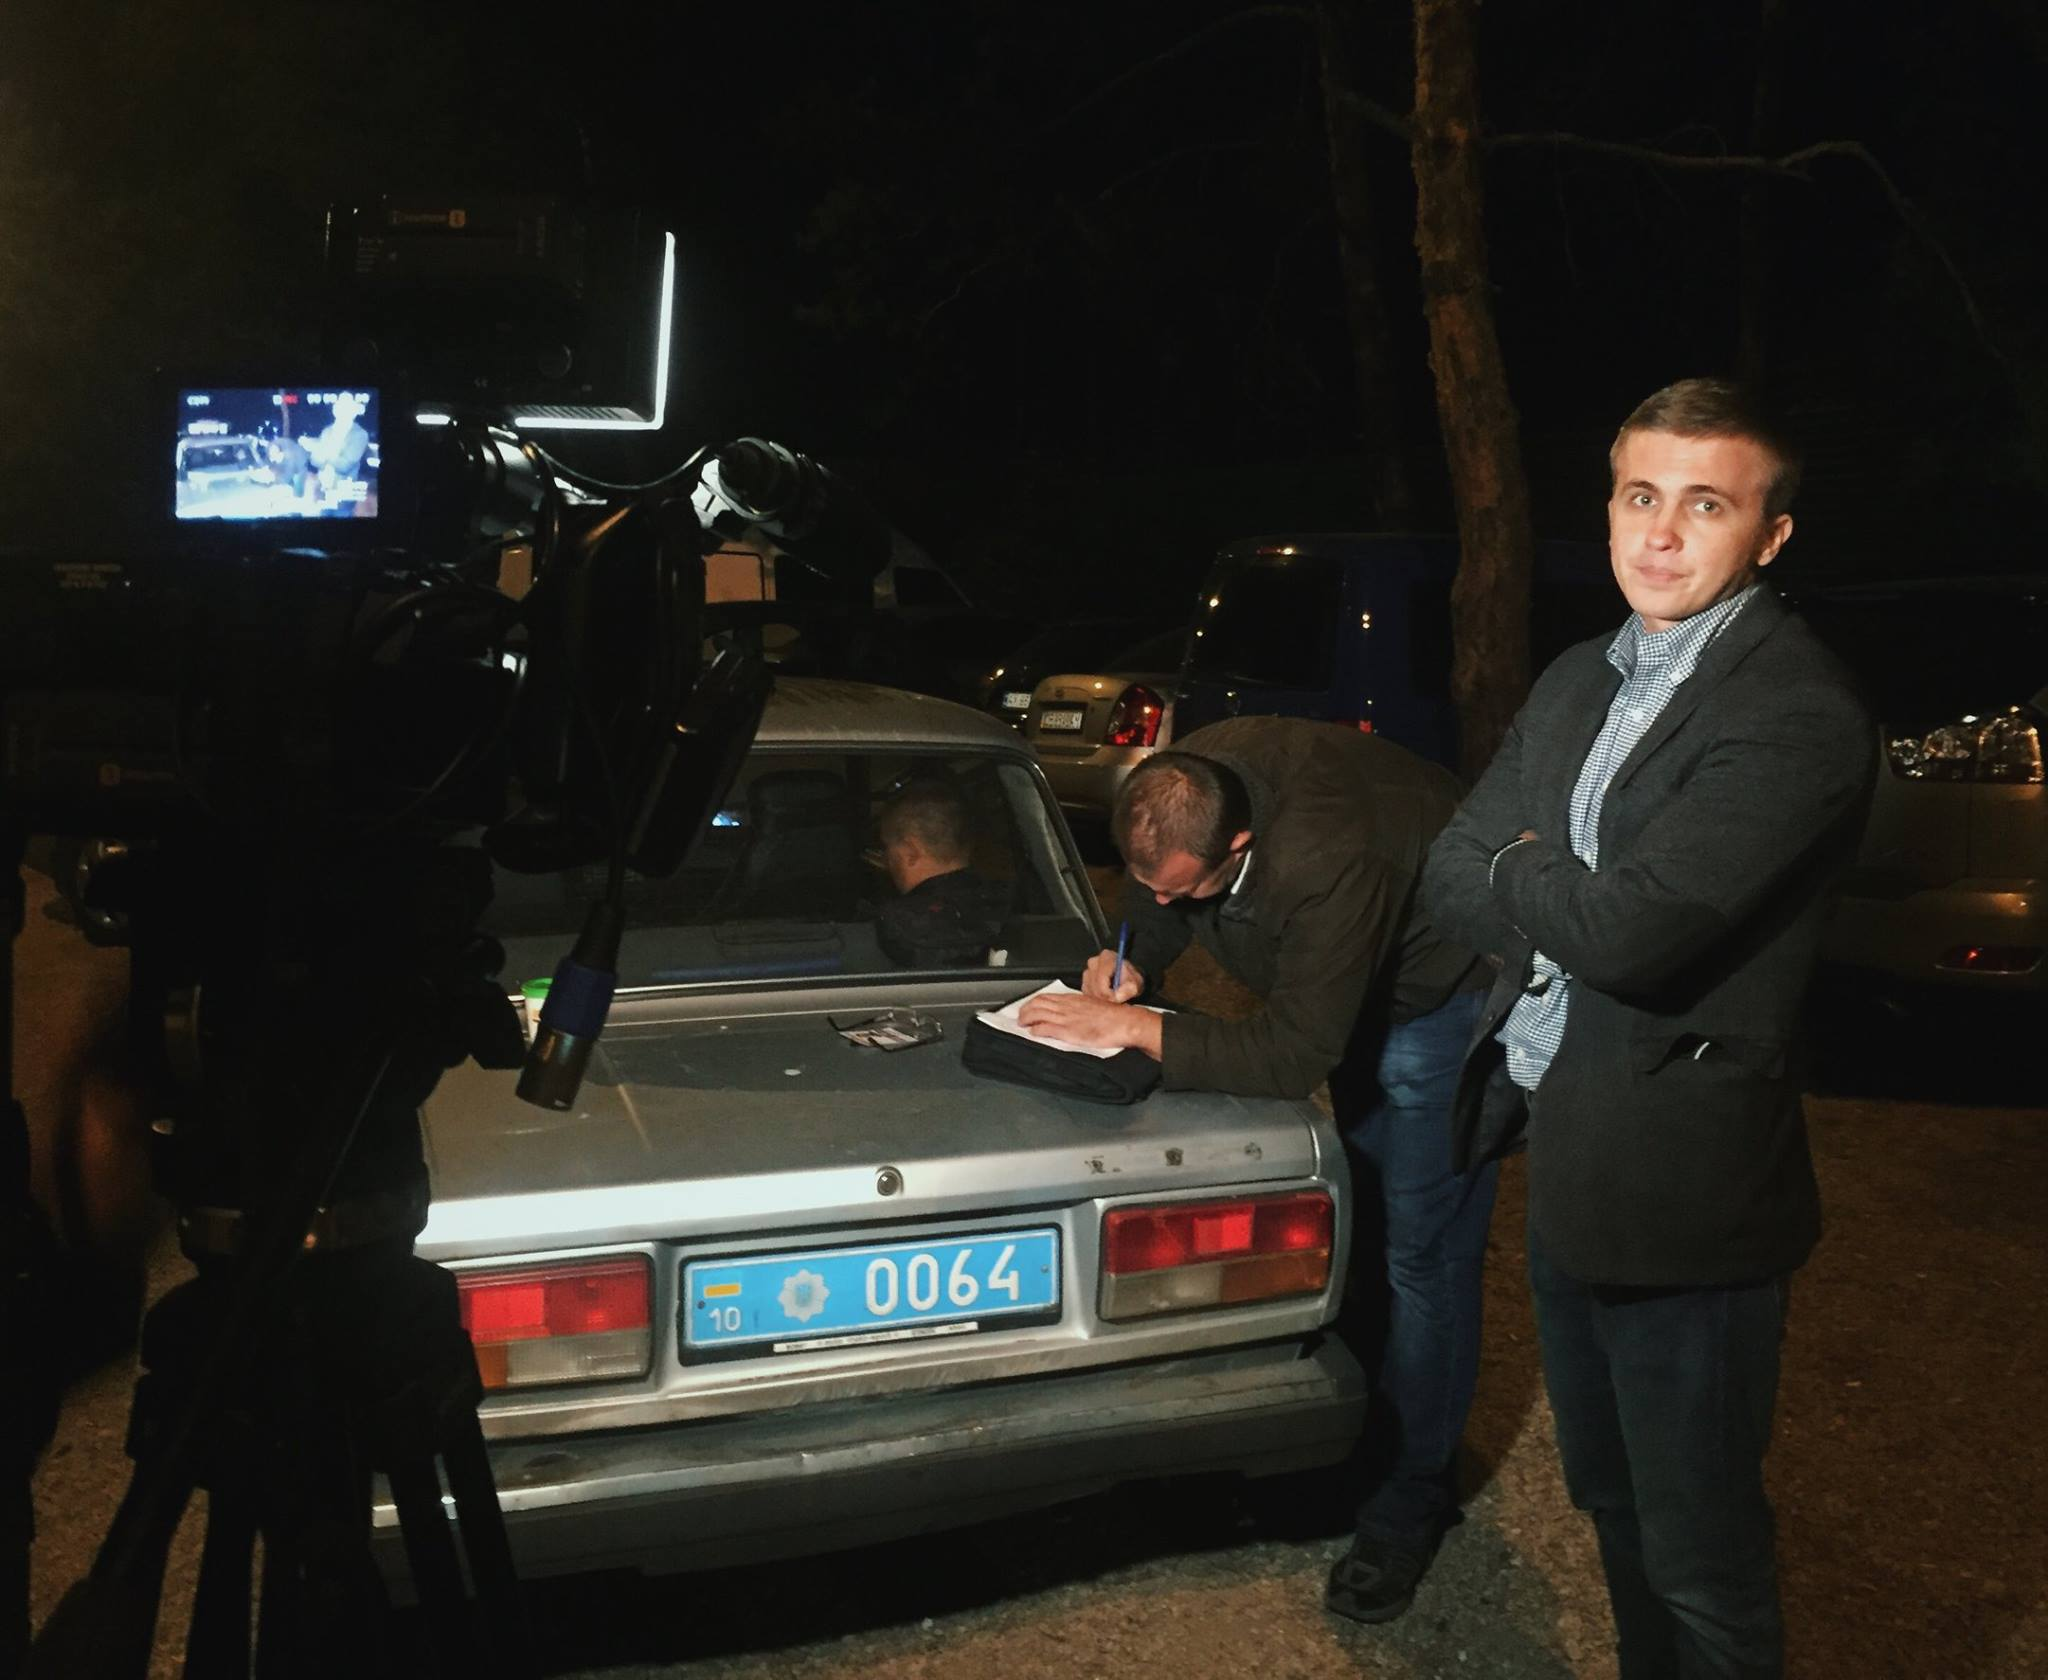 На журналистов Схем напали сотрудники госохраны в Конча-Заспе